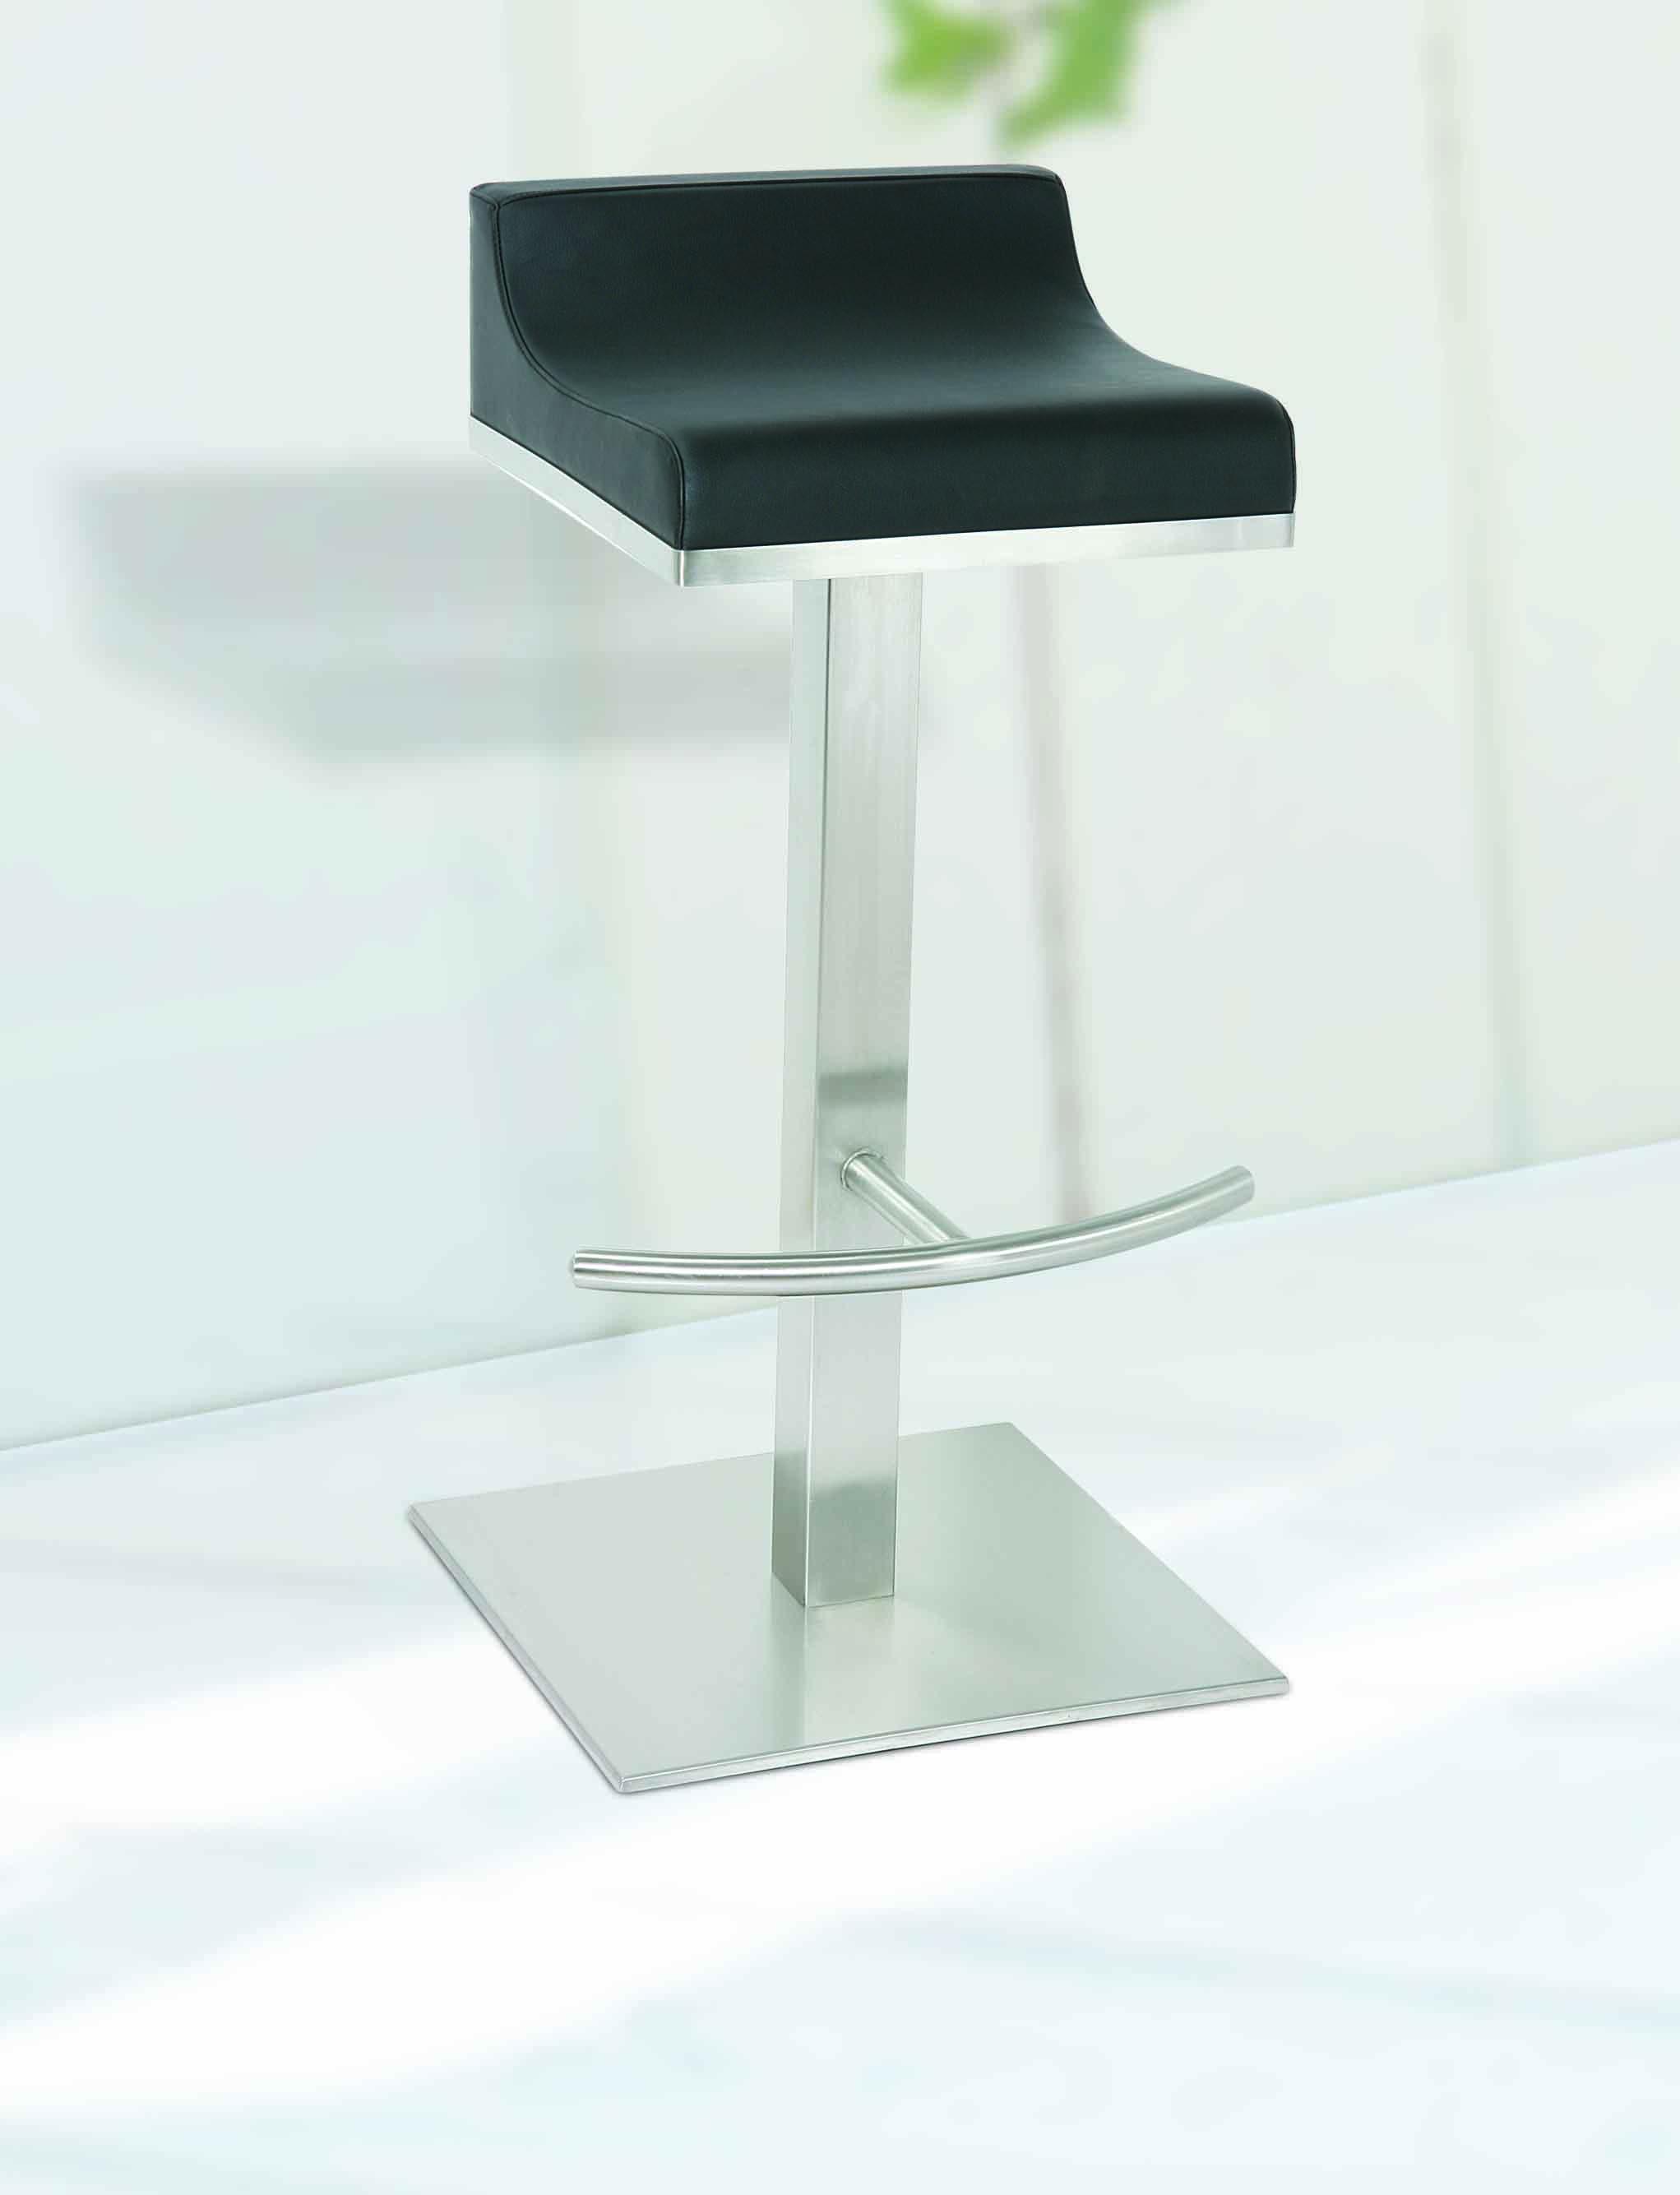 home decor catalogs home decor catalogs.htm defysupply com unveils new line of contemporary bar stools  contemporary bar stools